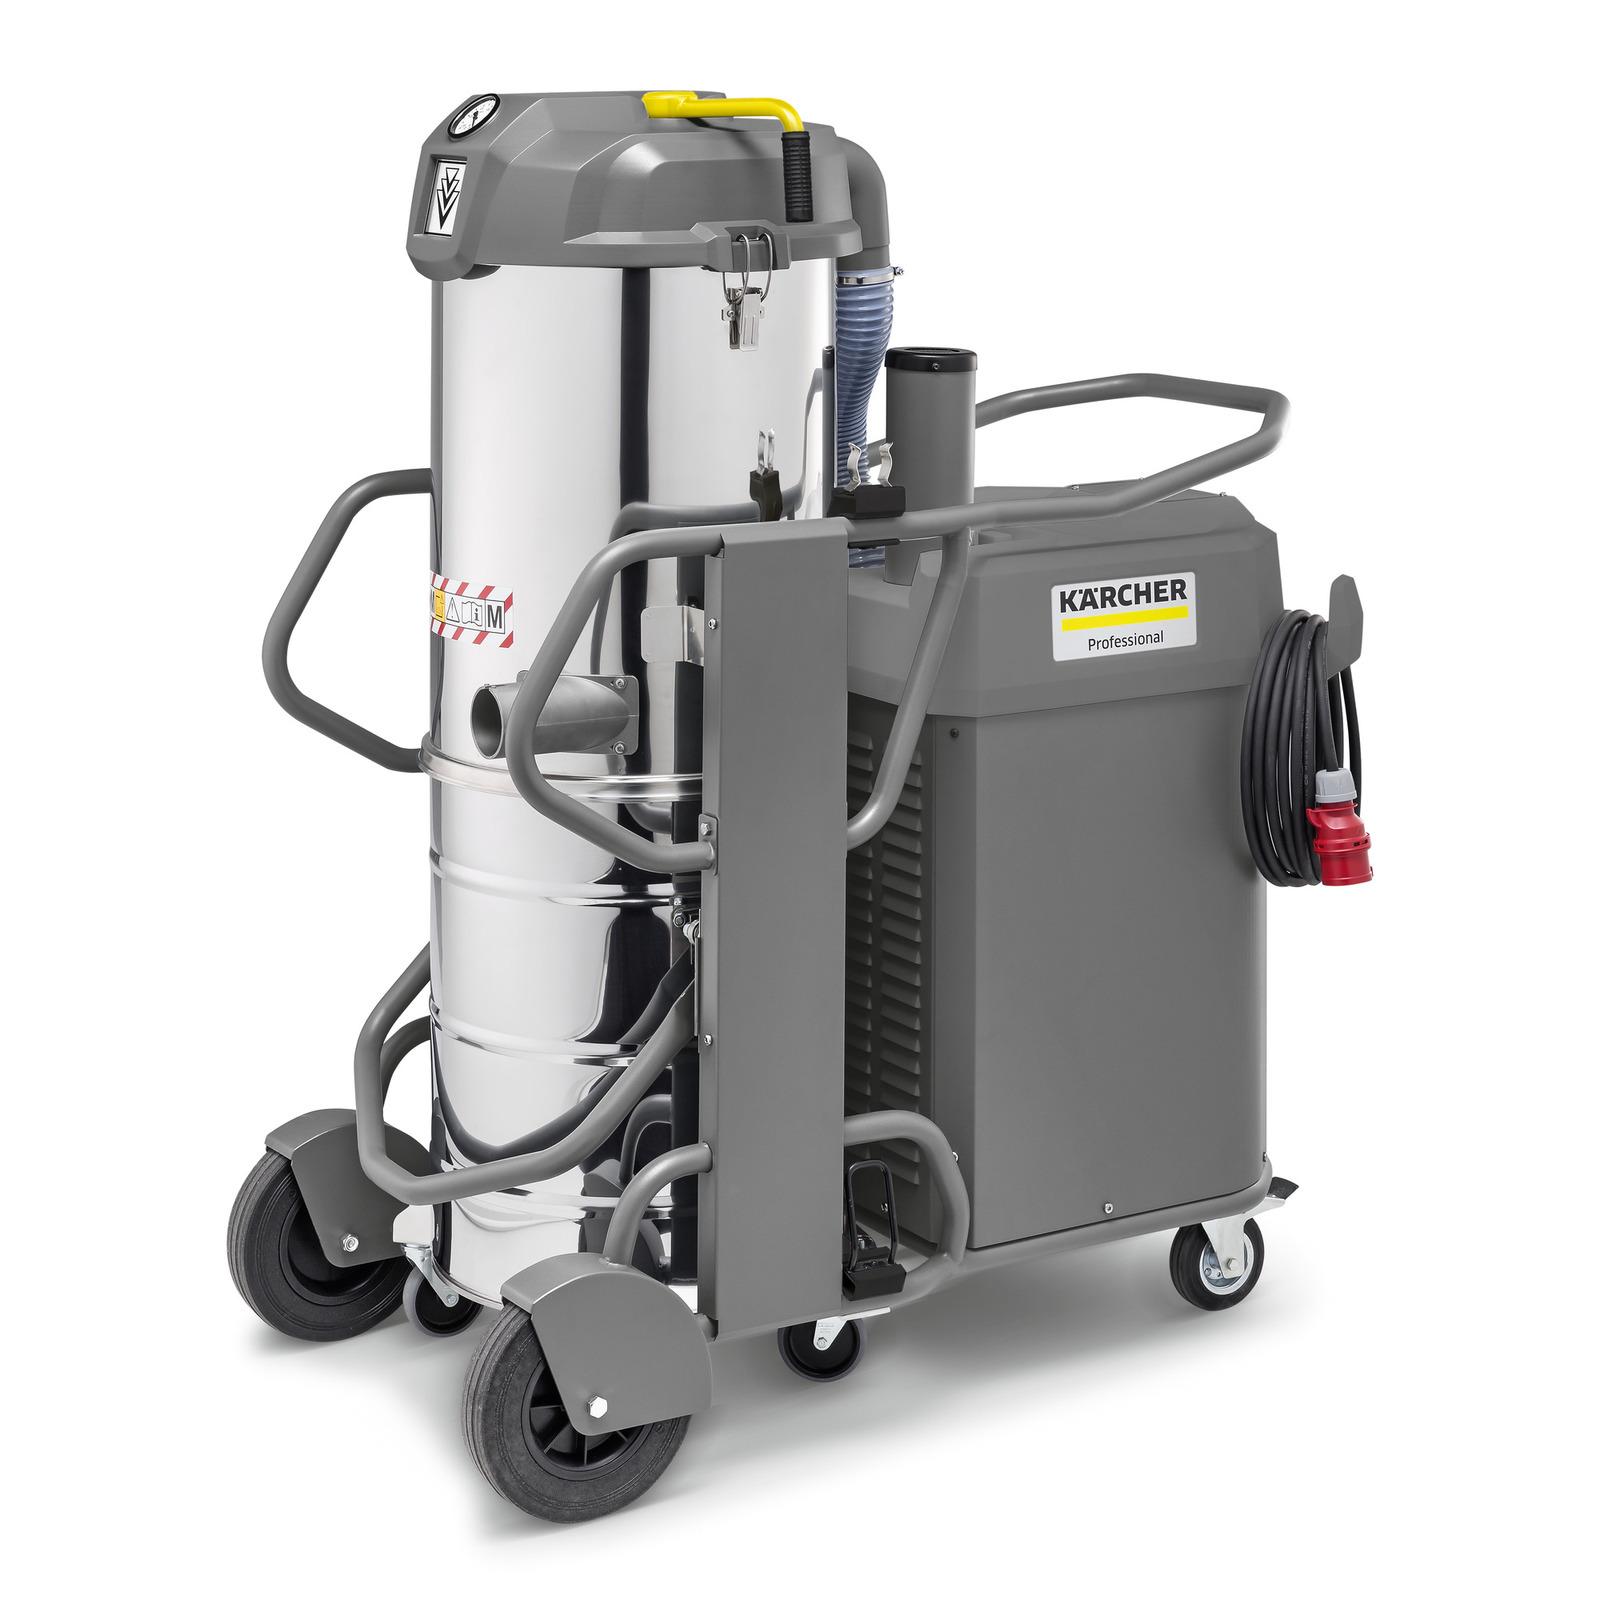 Kärcher Industrial Vacuum Cleaner IVS 100/75 M